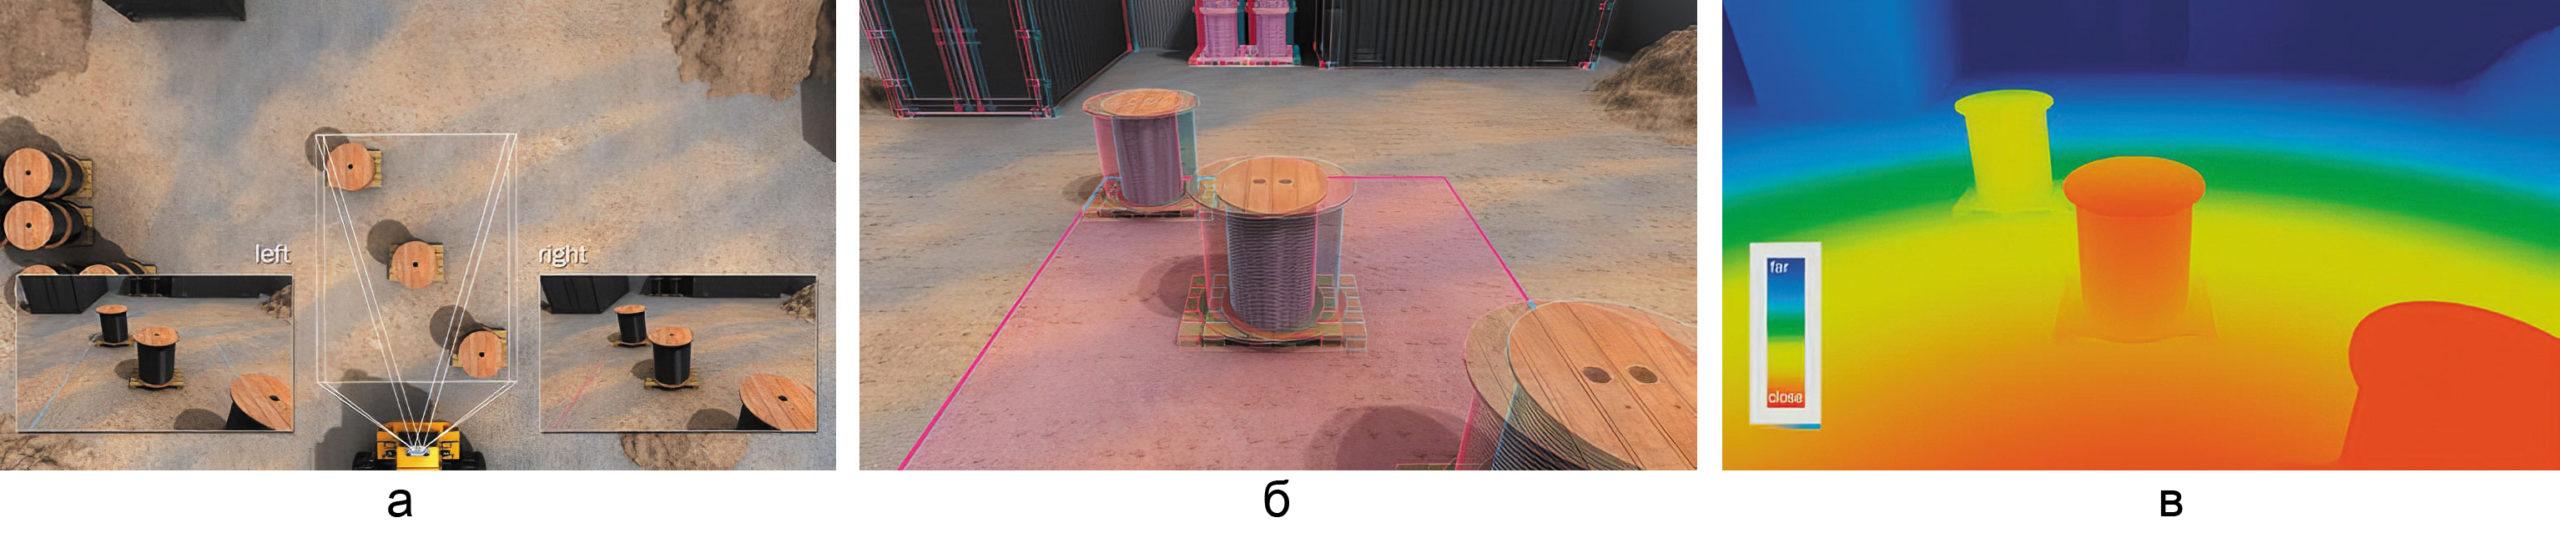 Принцип работы технологии стереоскопического зрения